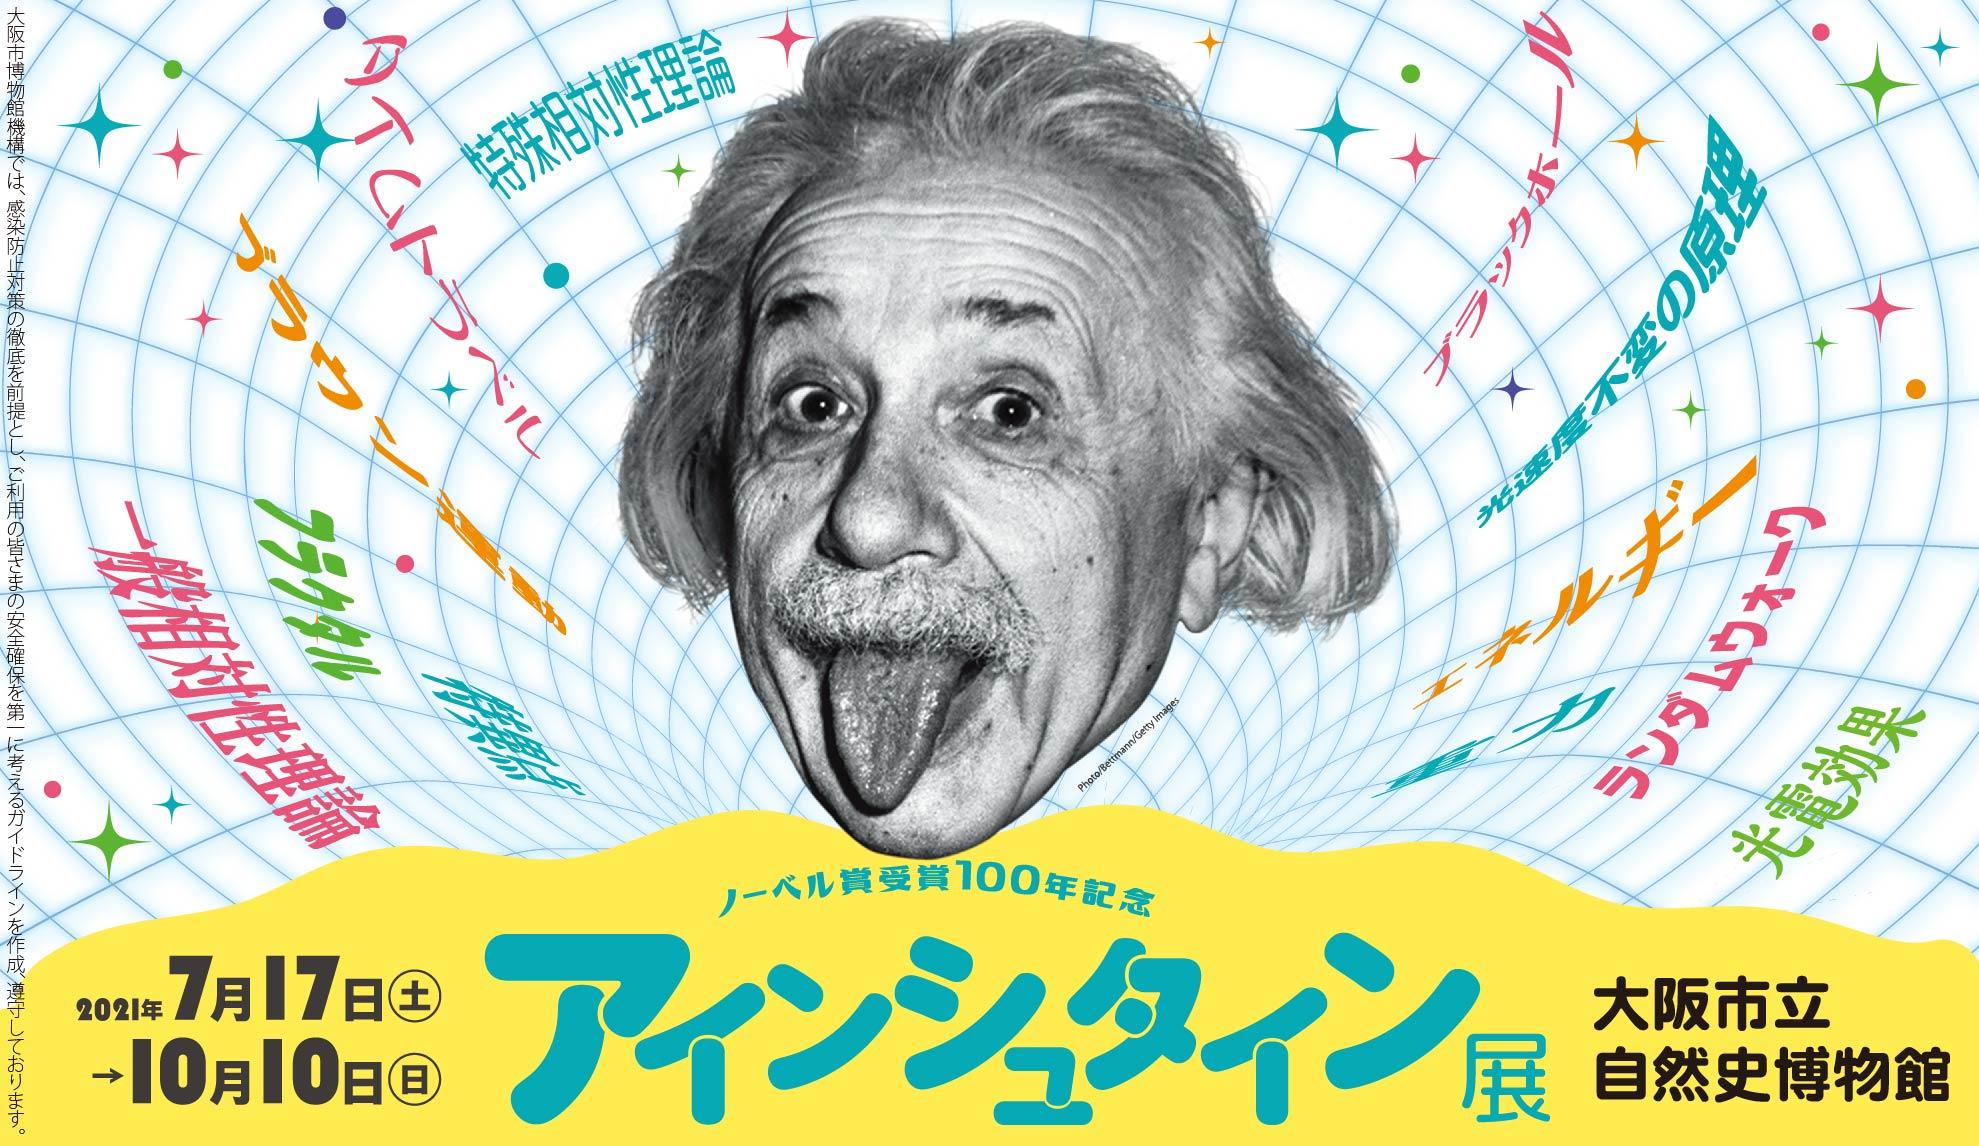 アインシュタイン展、大阪市立自然史博物館、自然史博物館